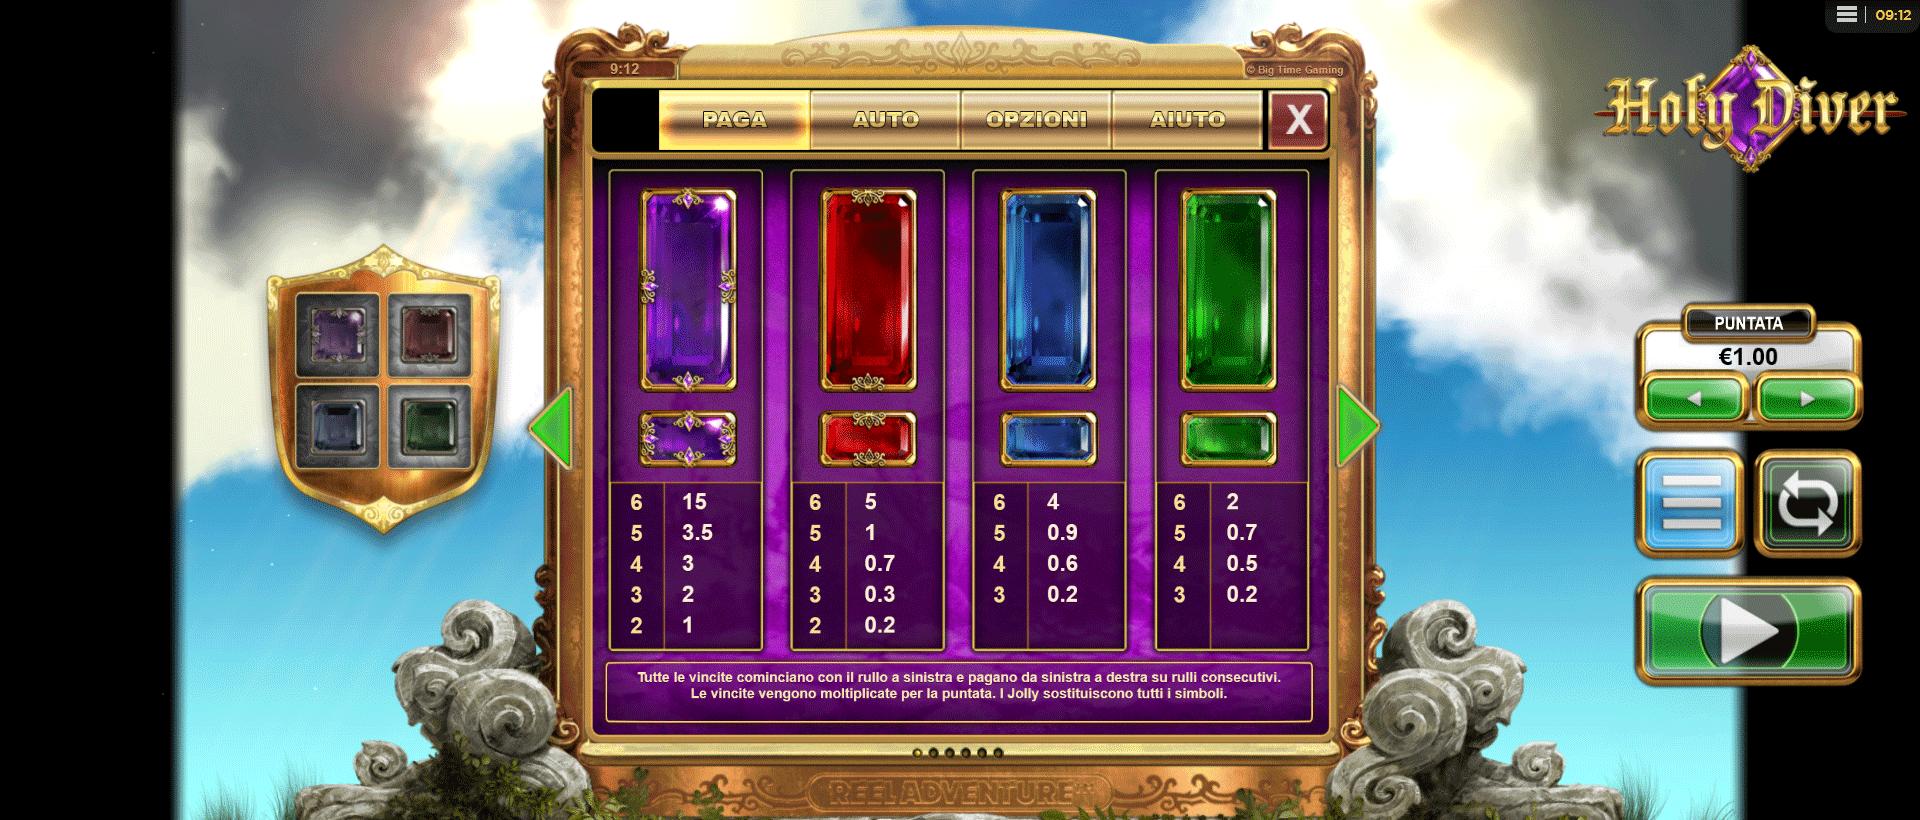 tabella dei pagamenti della slot machine holy diver